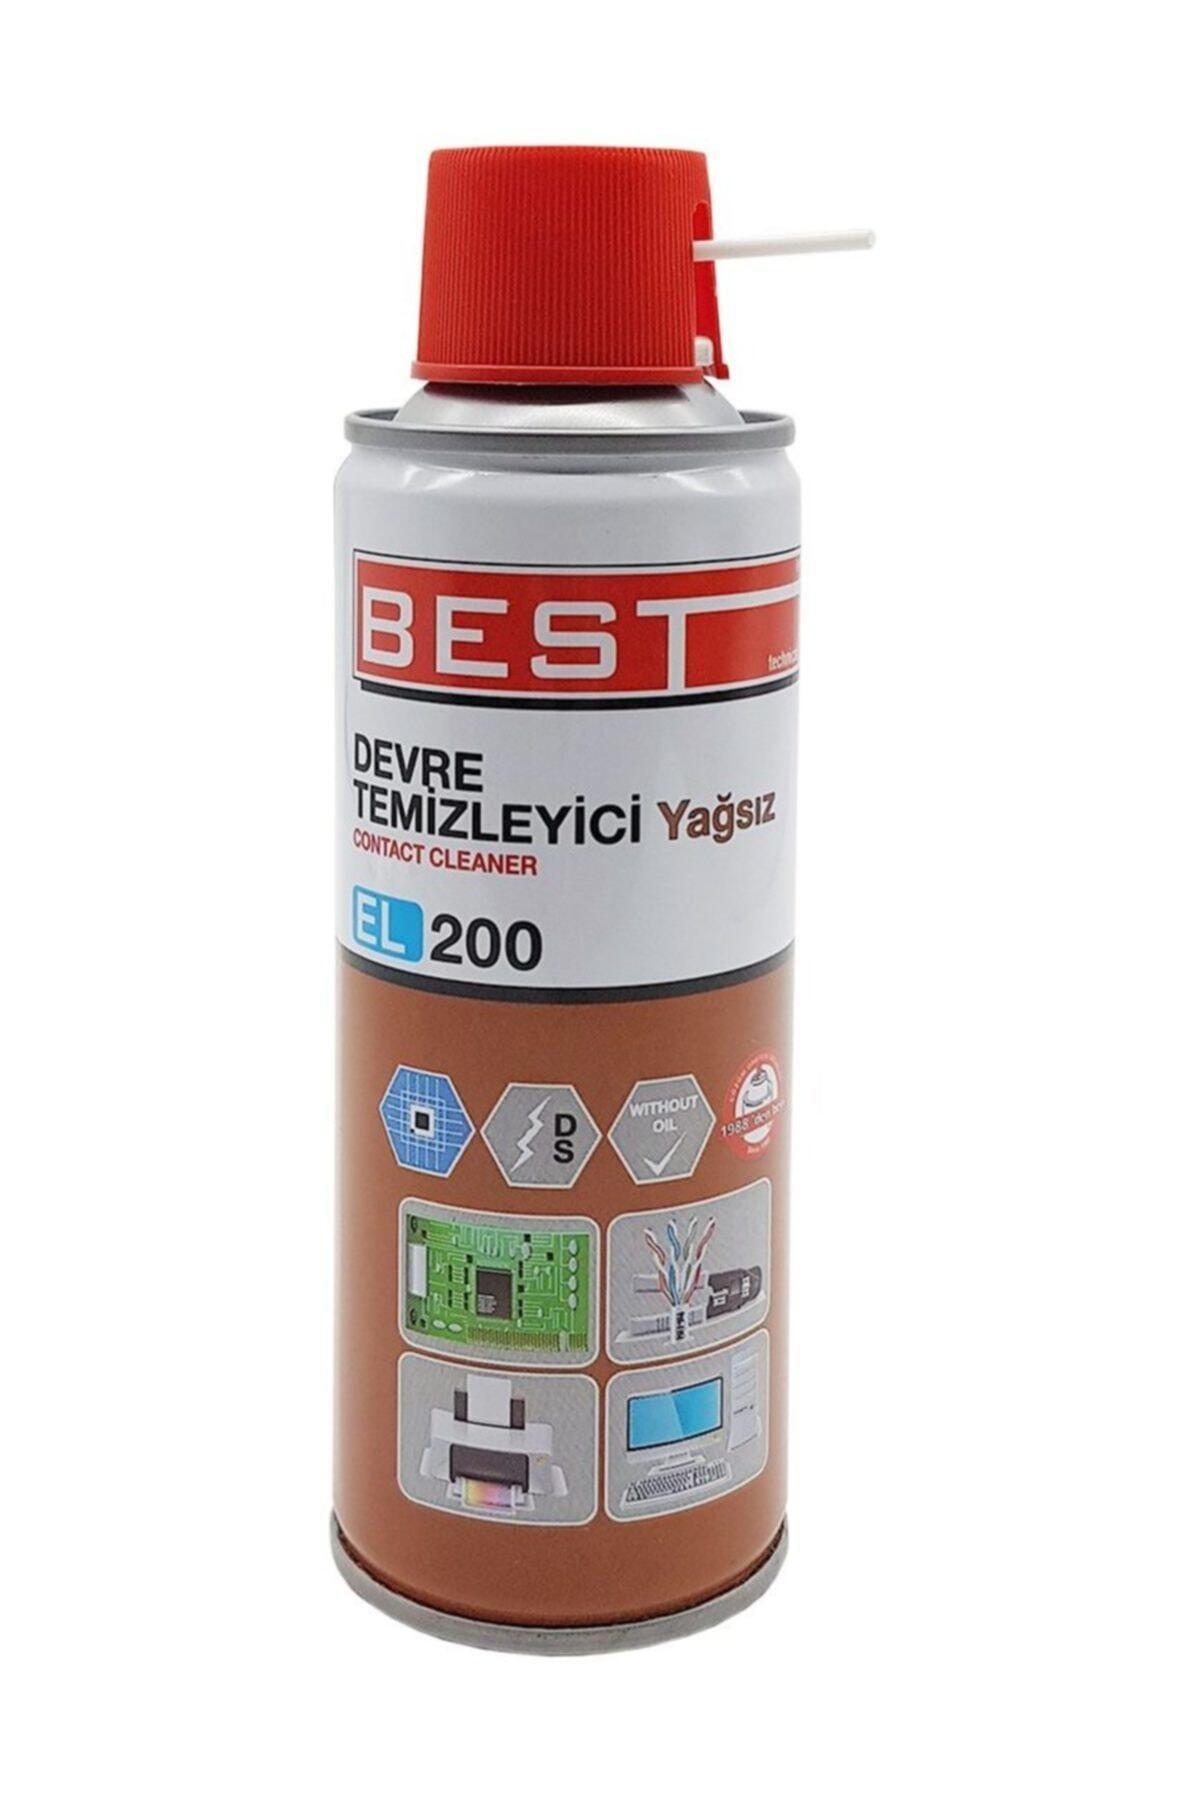 Best El200 Contact Cleaner 200 ml Yağsız Devre Temizleyici Sprey 1